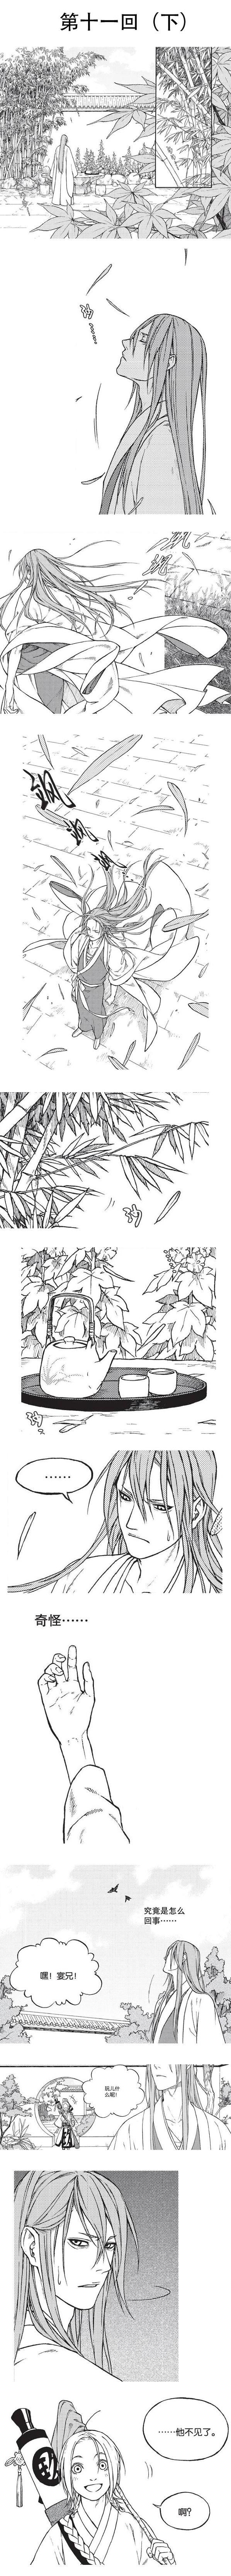 一个有毒的美男子 《识夜描银12上》(漫画)